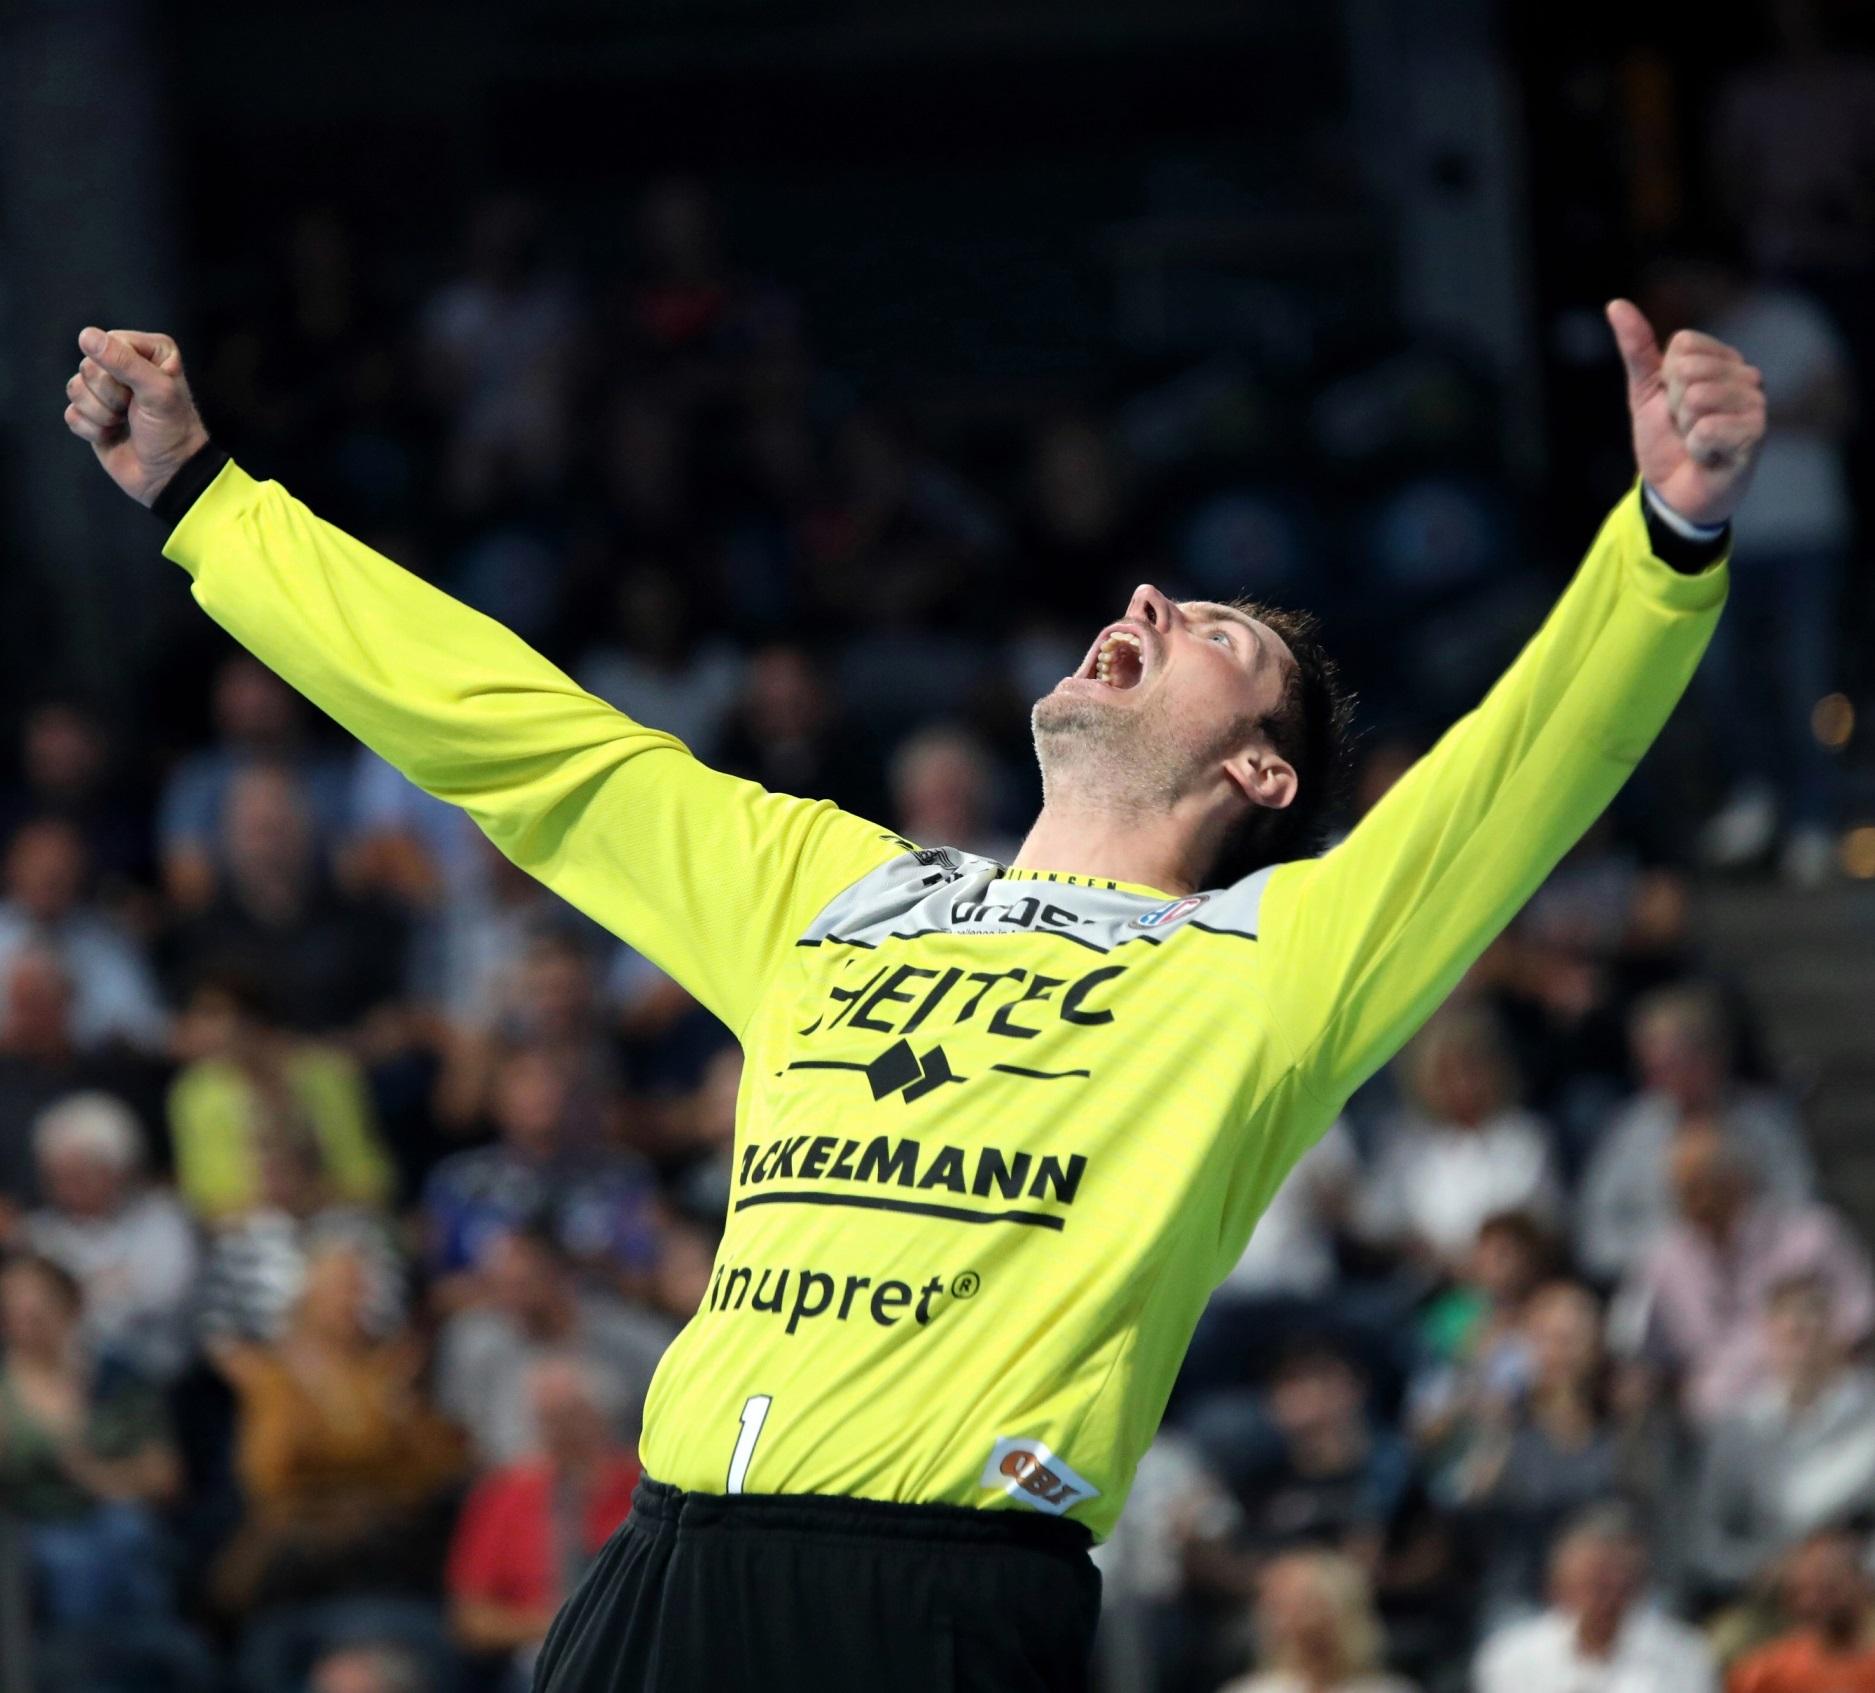 (Jocki_Foto, Erlangen) - HCE-Torwart Lichtlein war beim letzten Spiel gegen Lemgo richtig stark